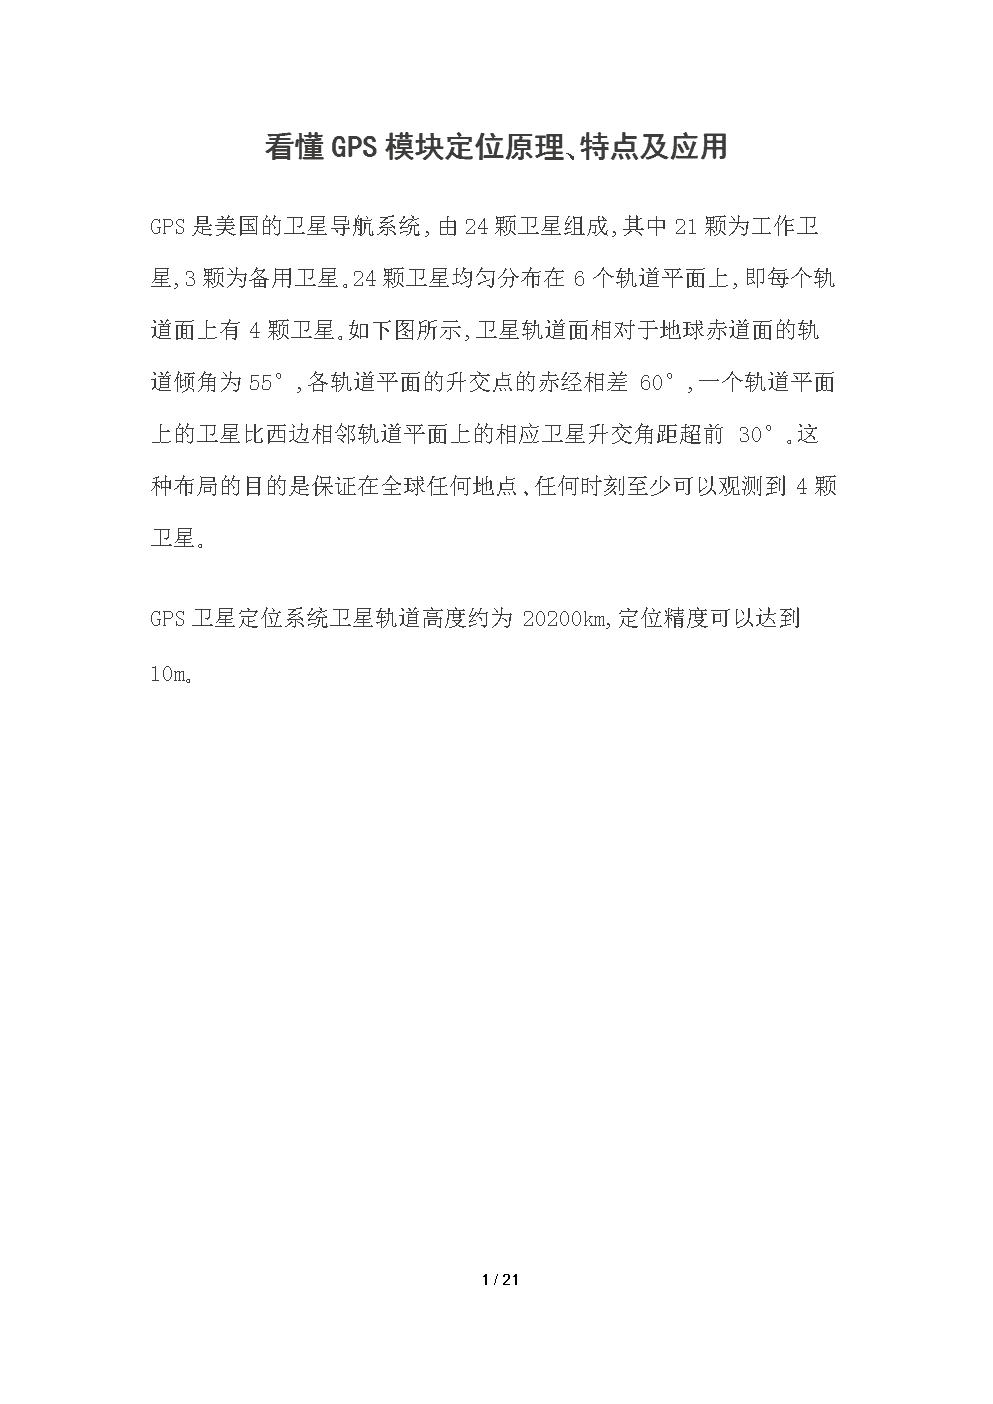 星座方程式-Suxi苏小熙&埖小迪(MP3歌词/LRC歌词) lrc歌词下载 第3张